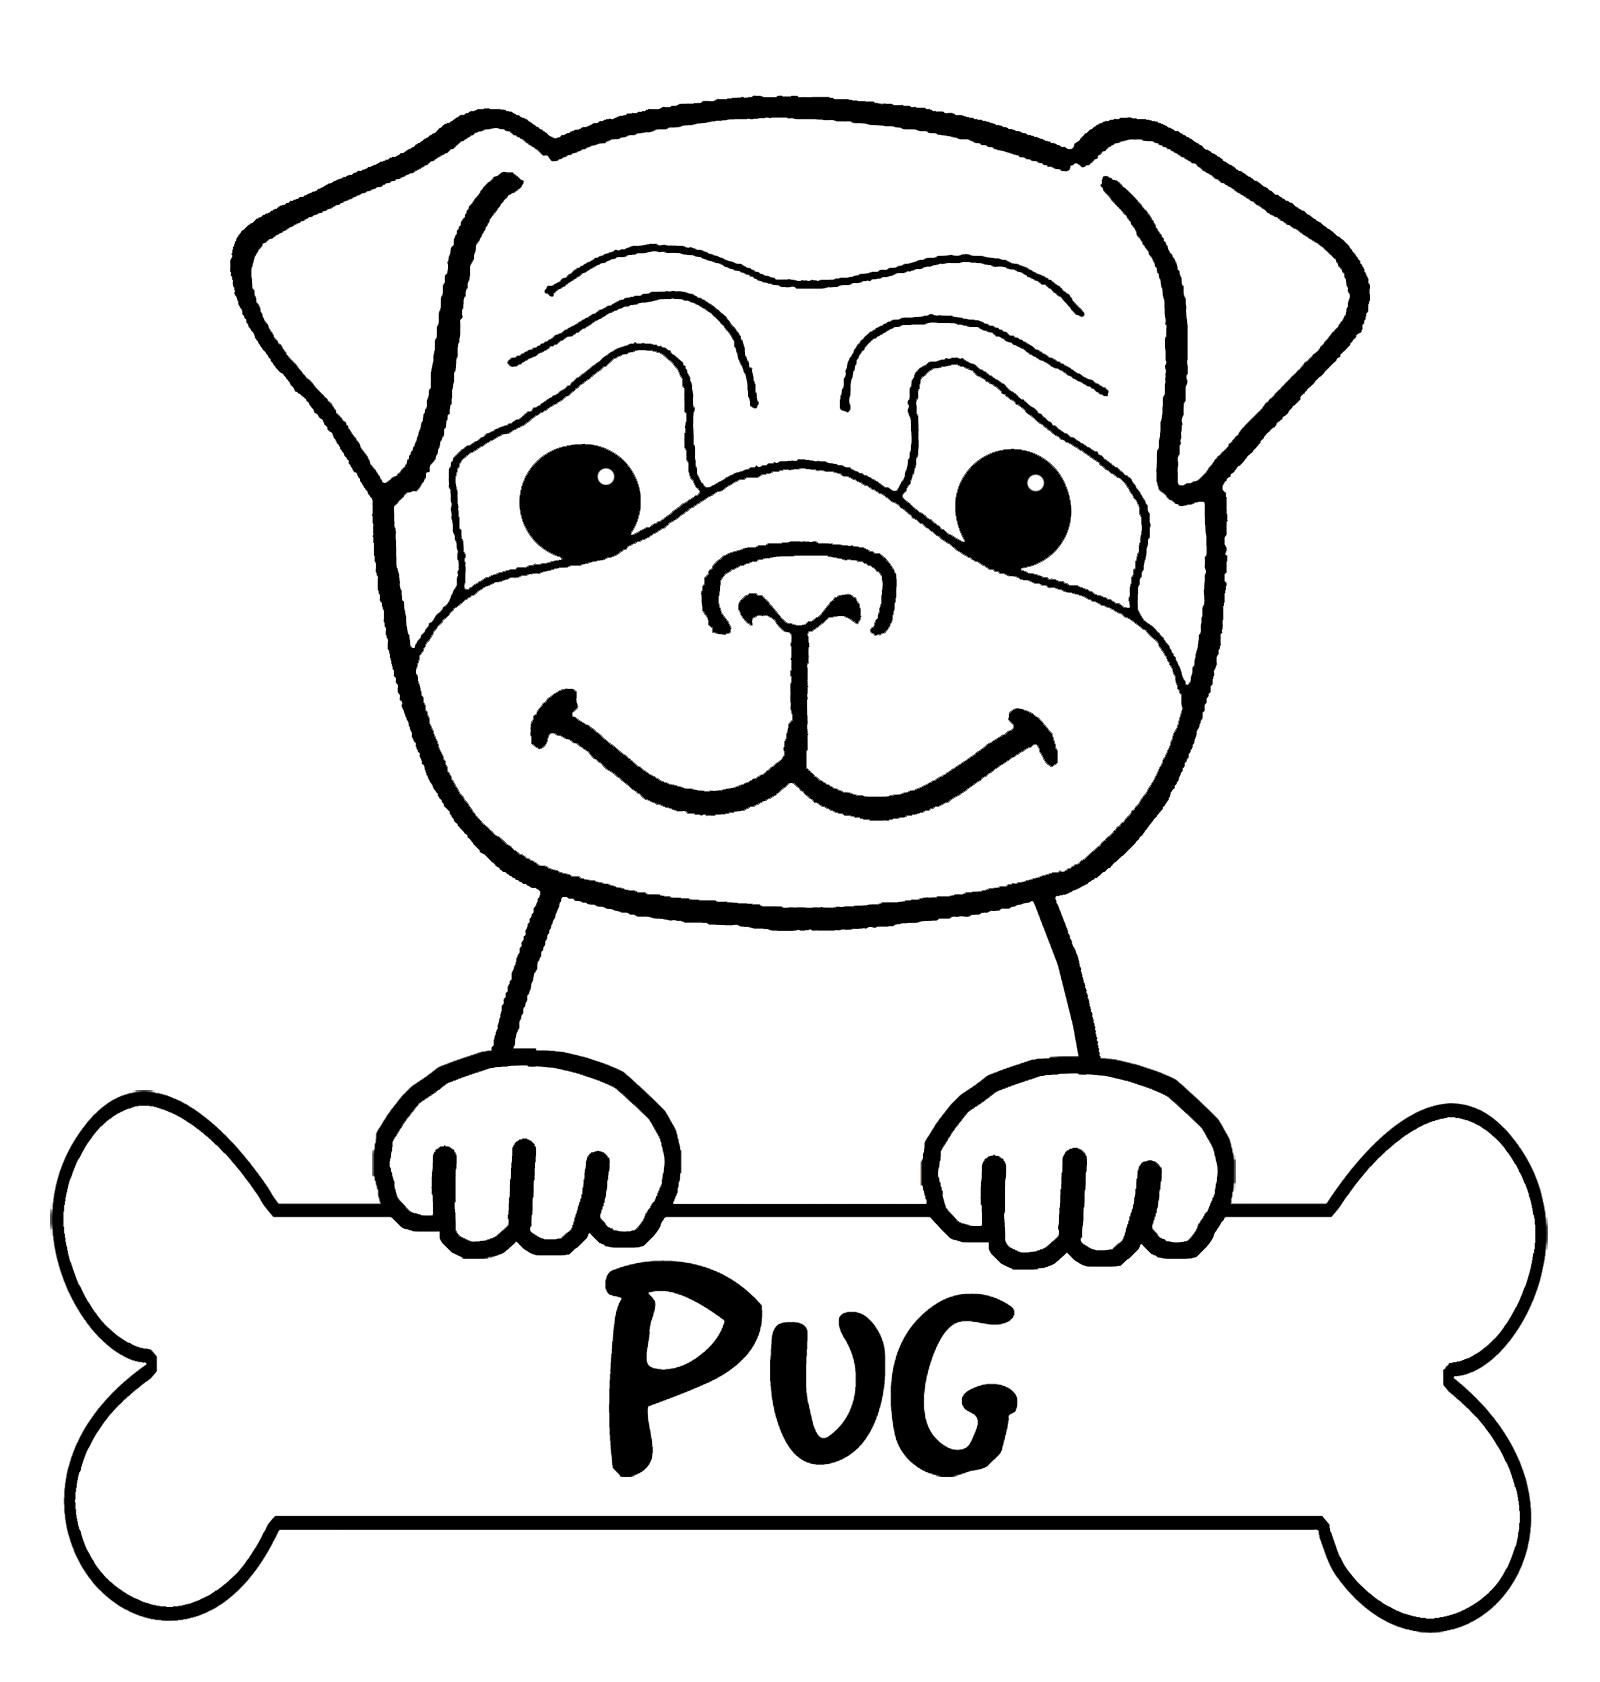 imagenes-para-colorear-de-perros - Dibujos De